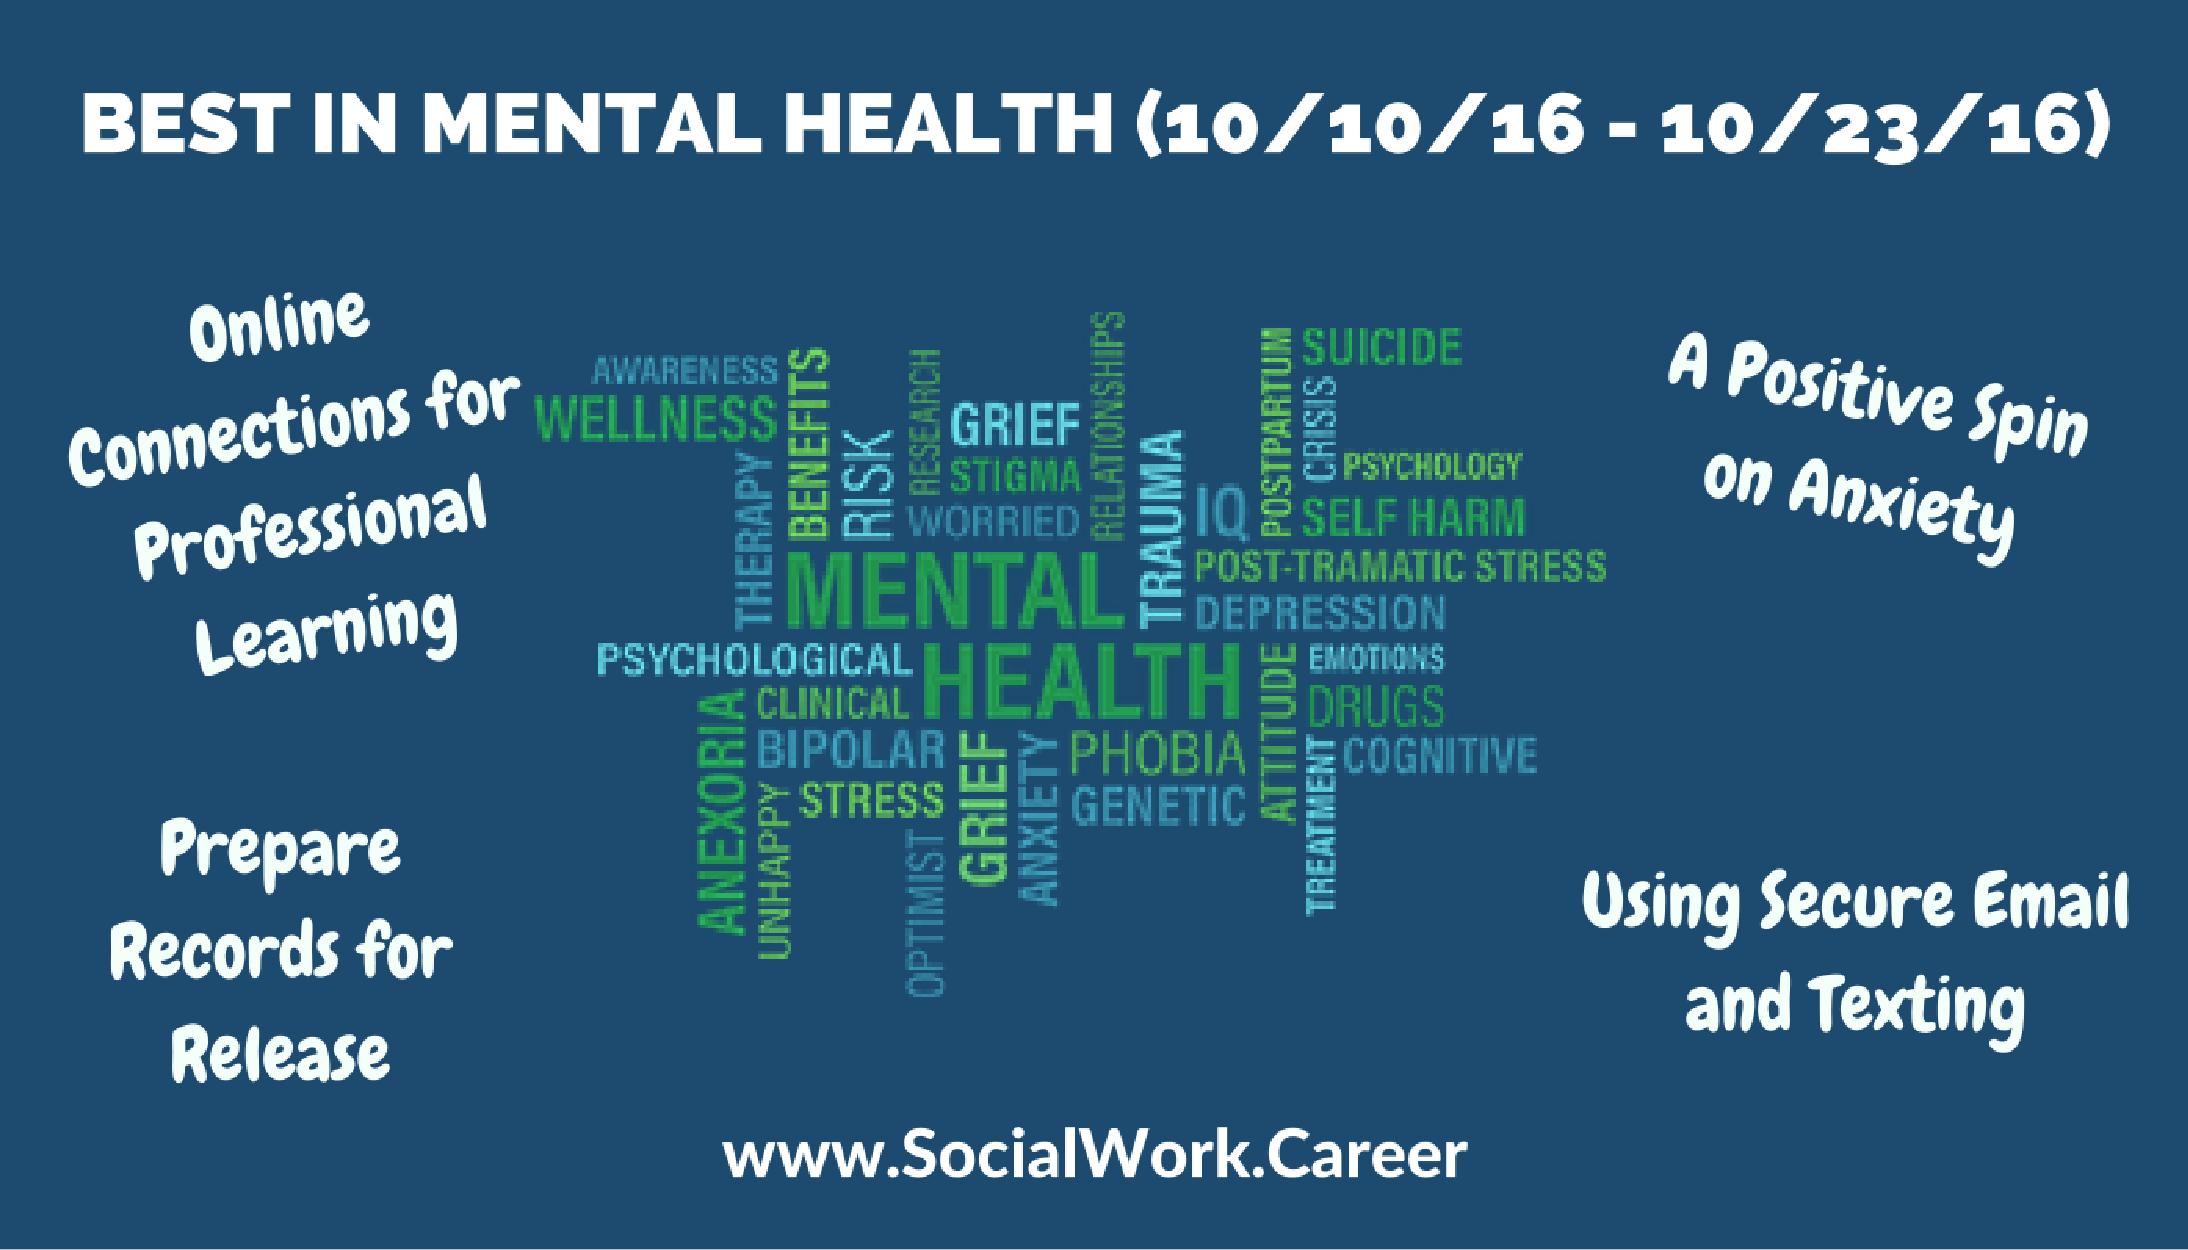 best in mental health 10-23-16